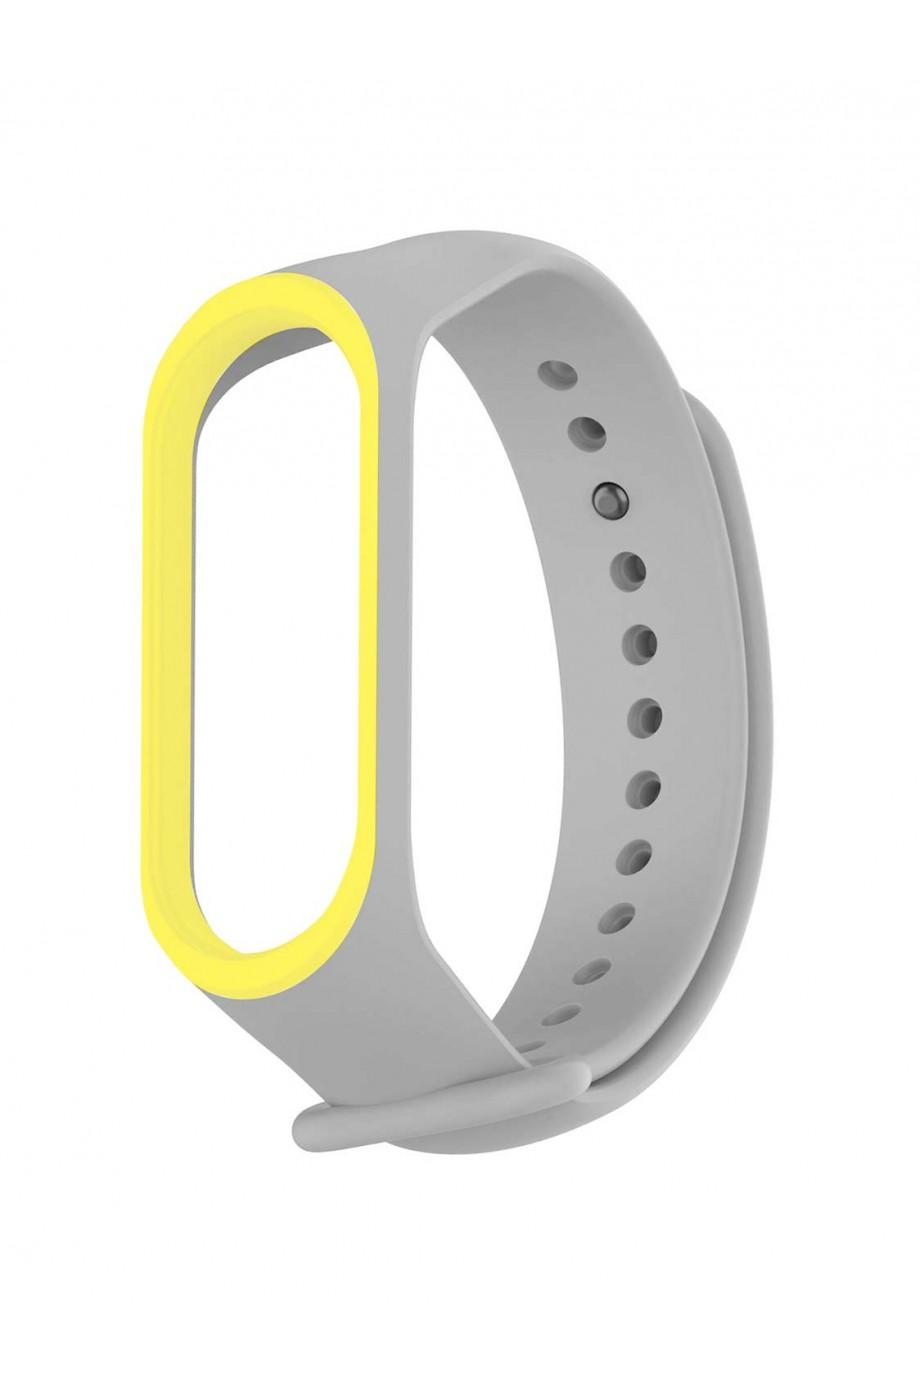 Силиконовый ремешок для Xiaomi Mi Band 3, серый с желтой окантовкой, mk033